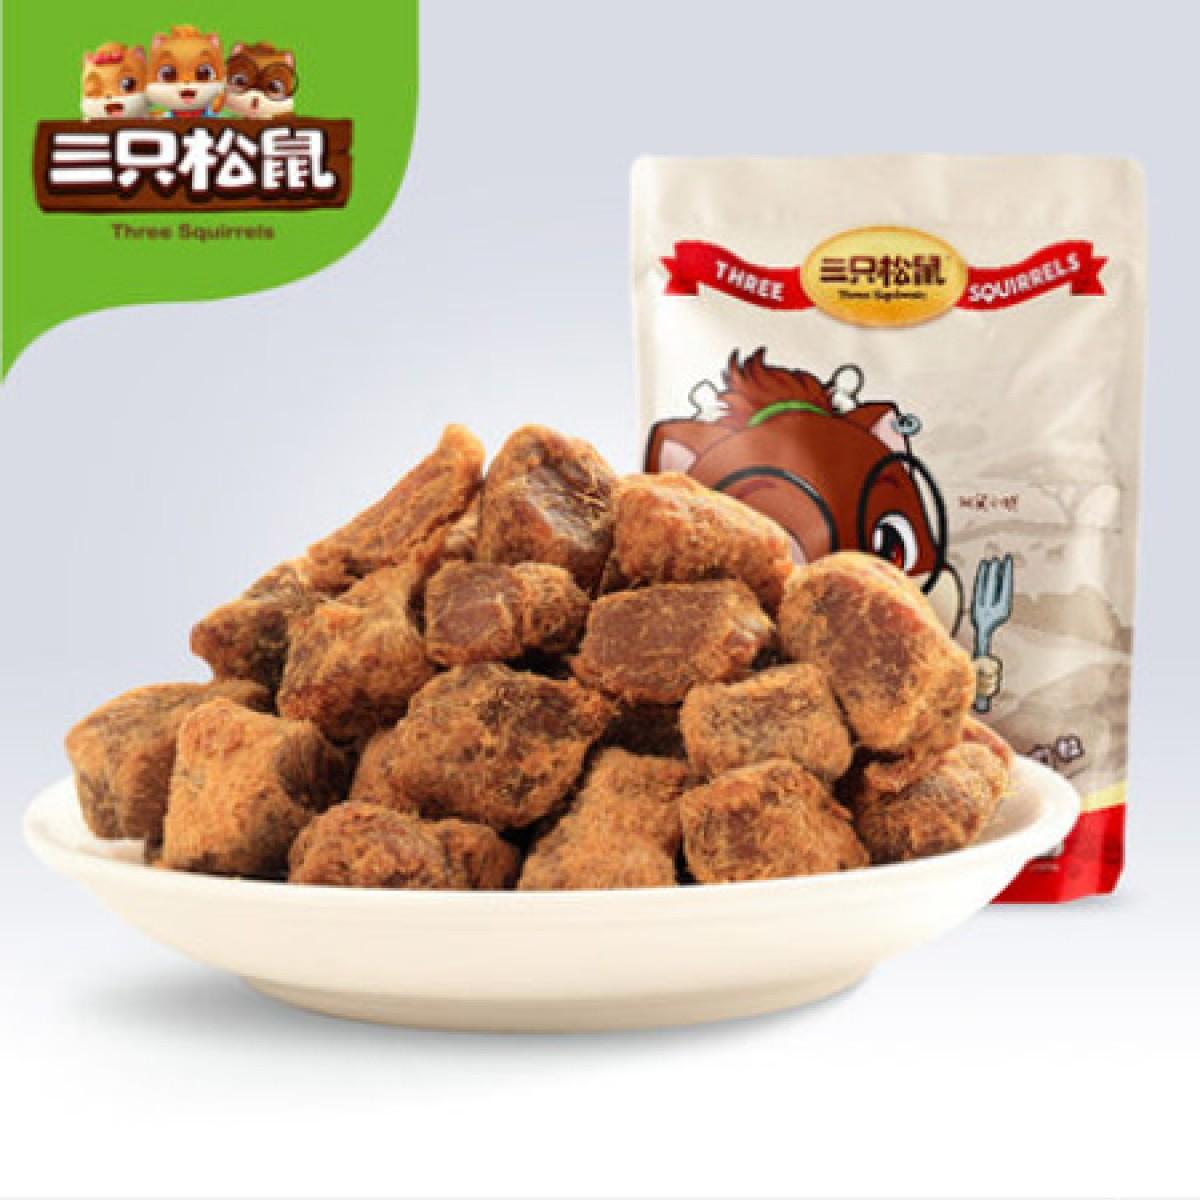 【三隻松鼠_五香豬肉粒】休閑零食肉脯鹵味小吃特產豬肉粒